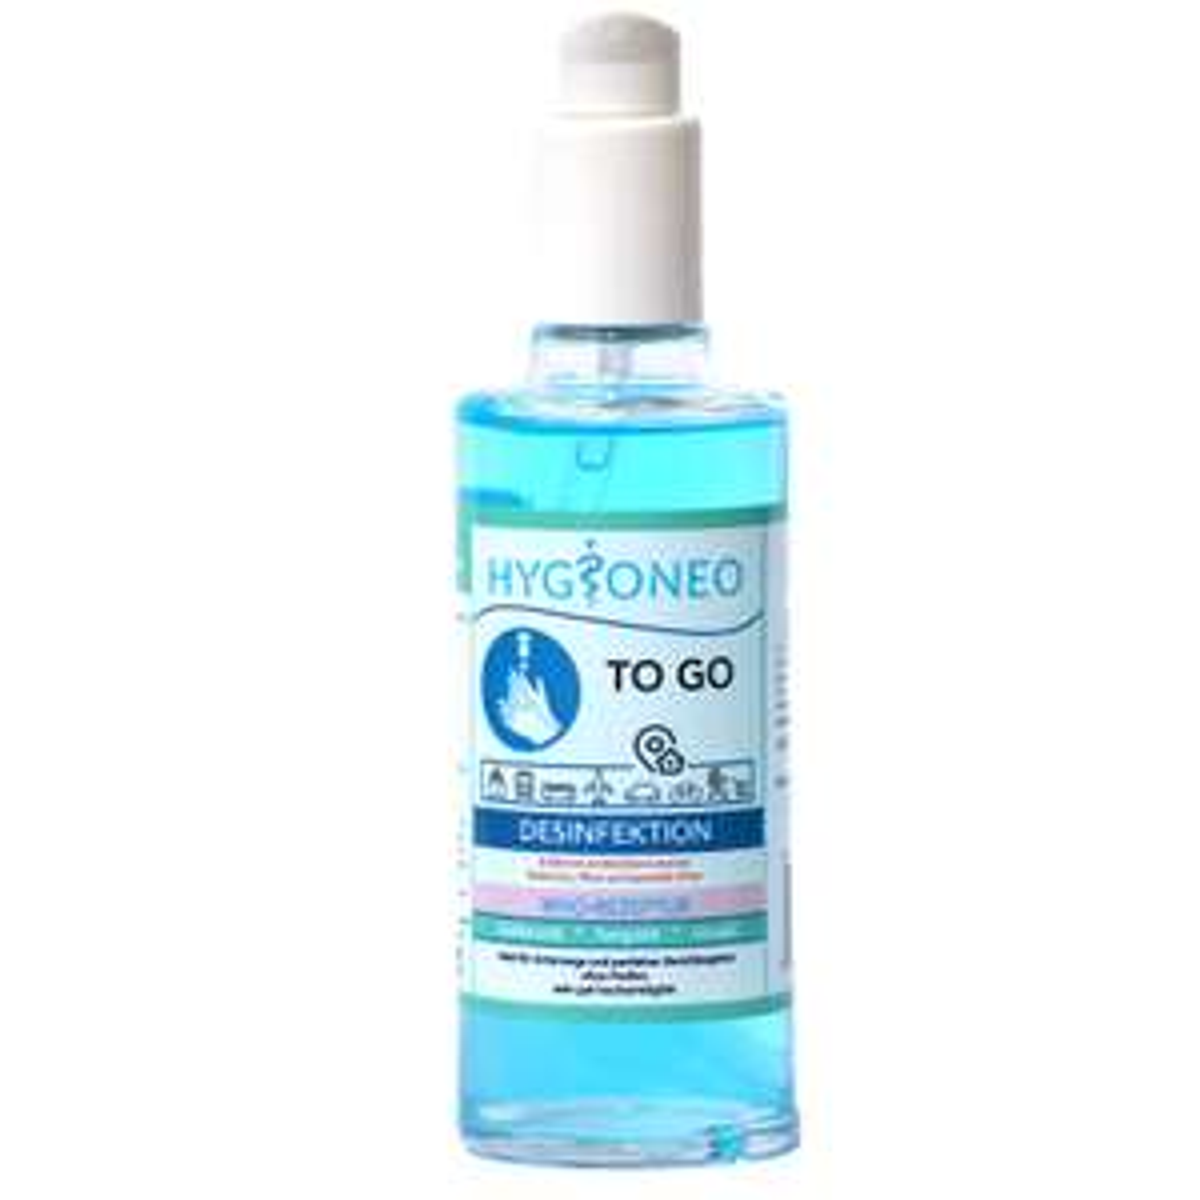 Desinfektionsmittel 50ml / 100ml / Set mit Handschuhen/Masken - 25% Gutschein